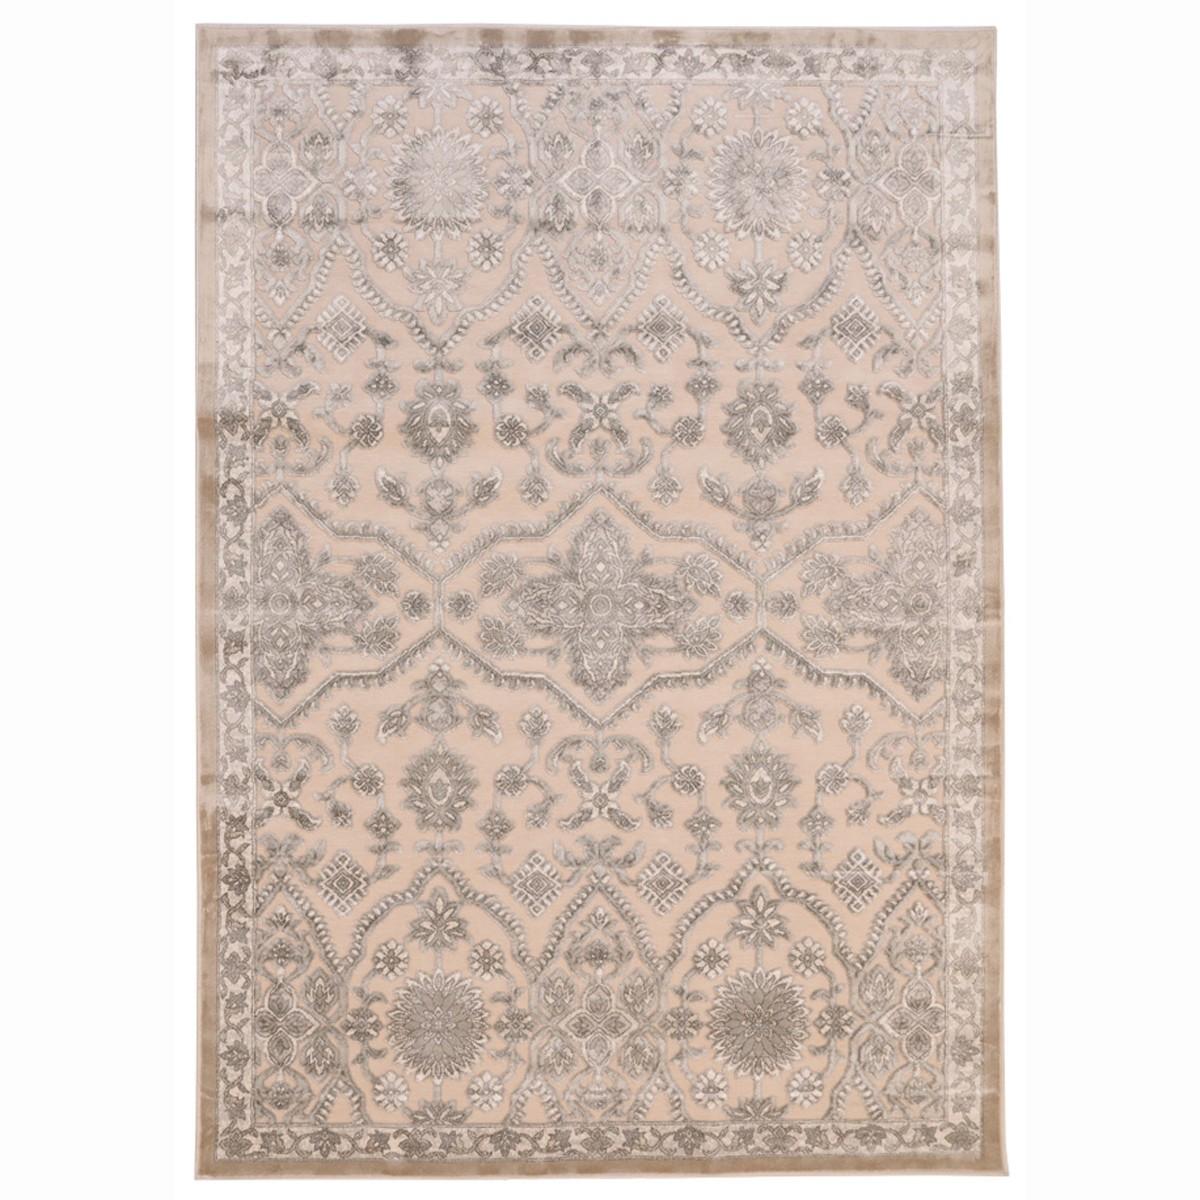 Καλοκαιρινό Χαλί (140x200) Royal Carpets Tiffany Ice 935 Ice Bei